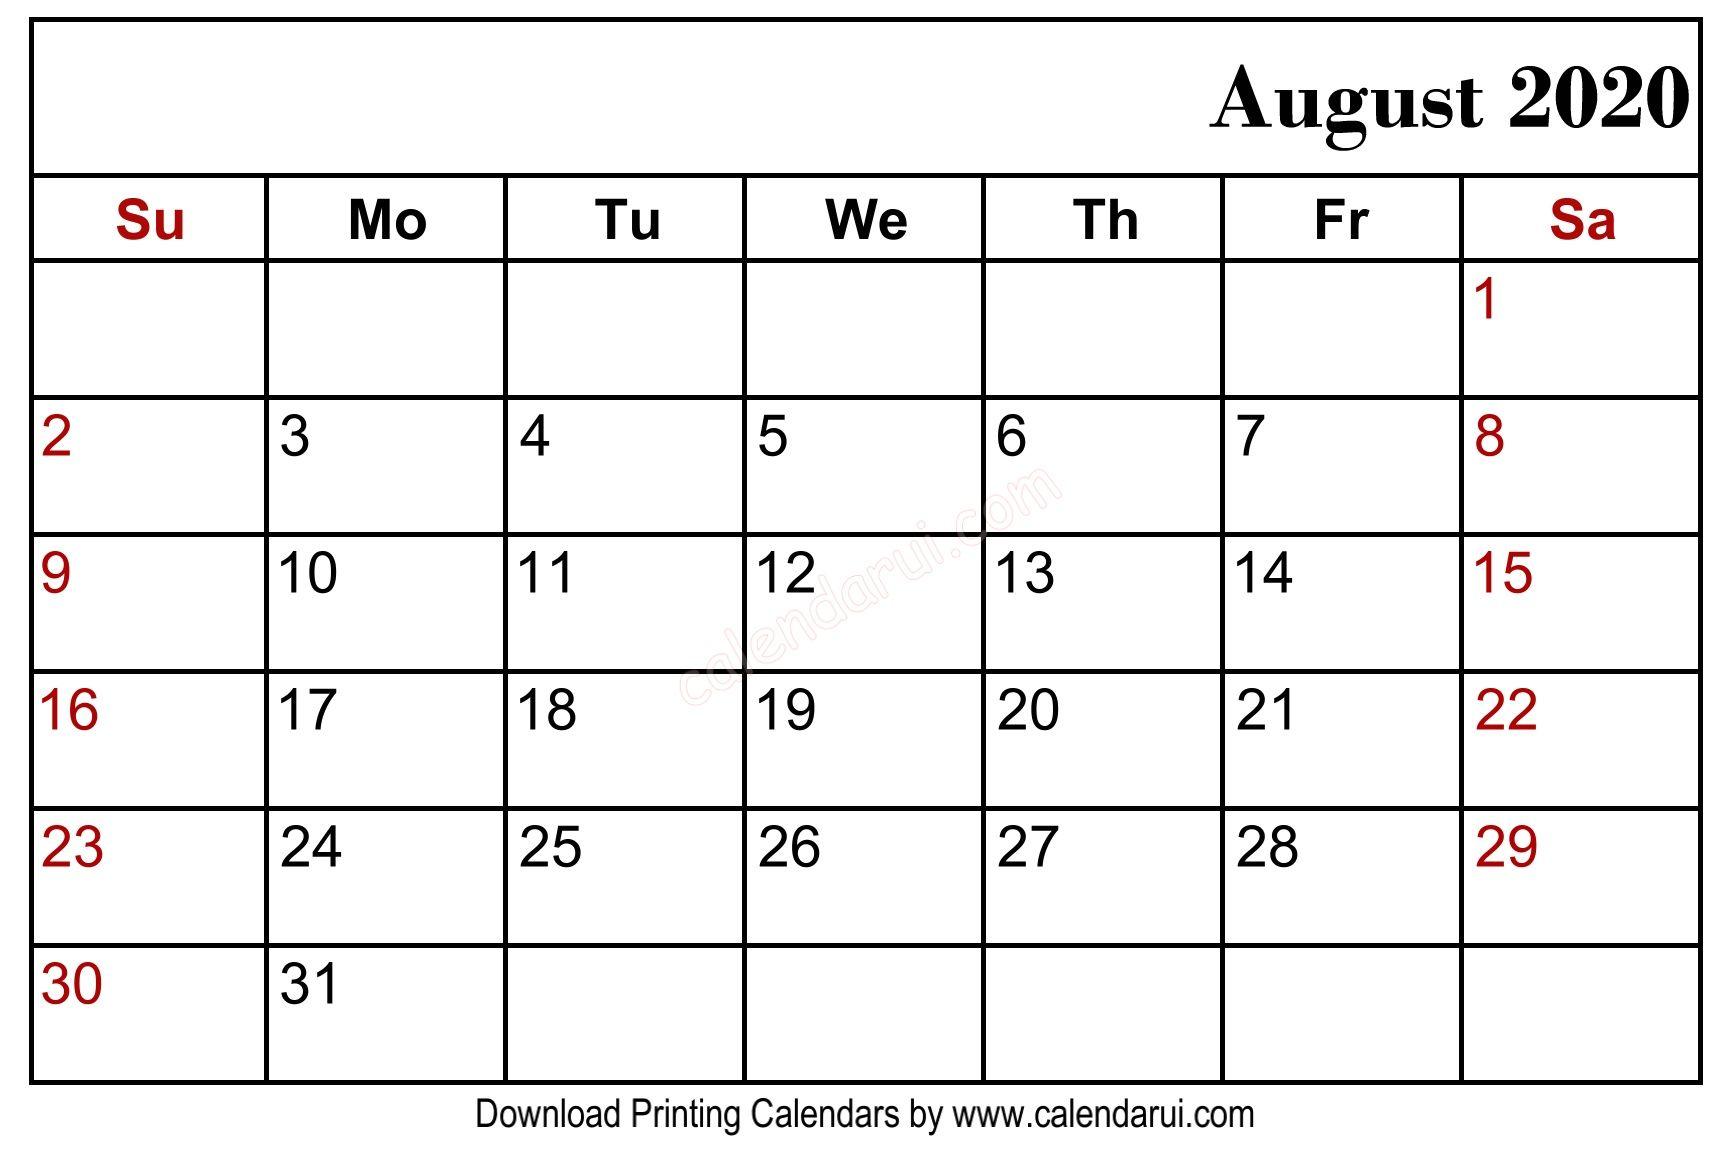 August 2020 Blank Calendar Printable Free Download Blank